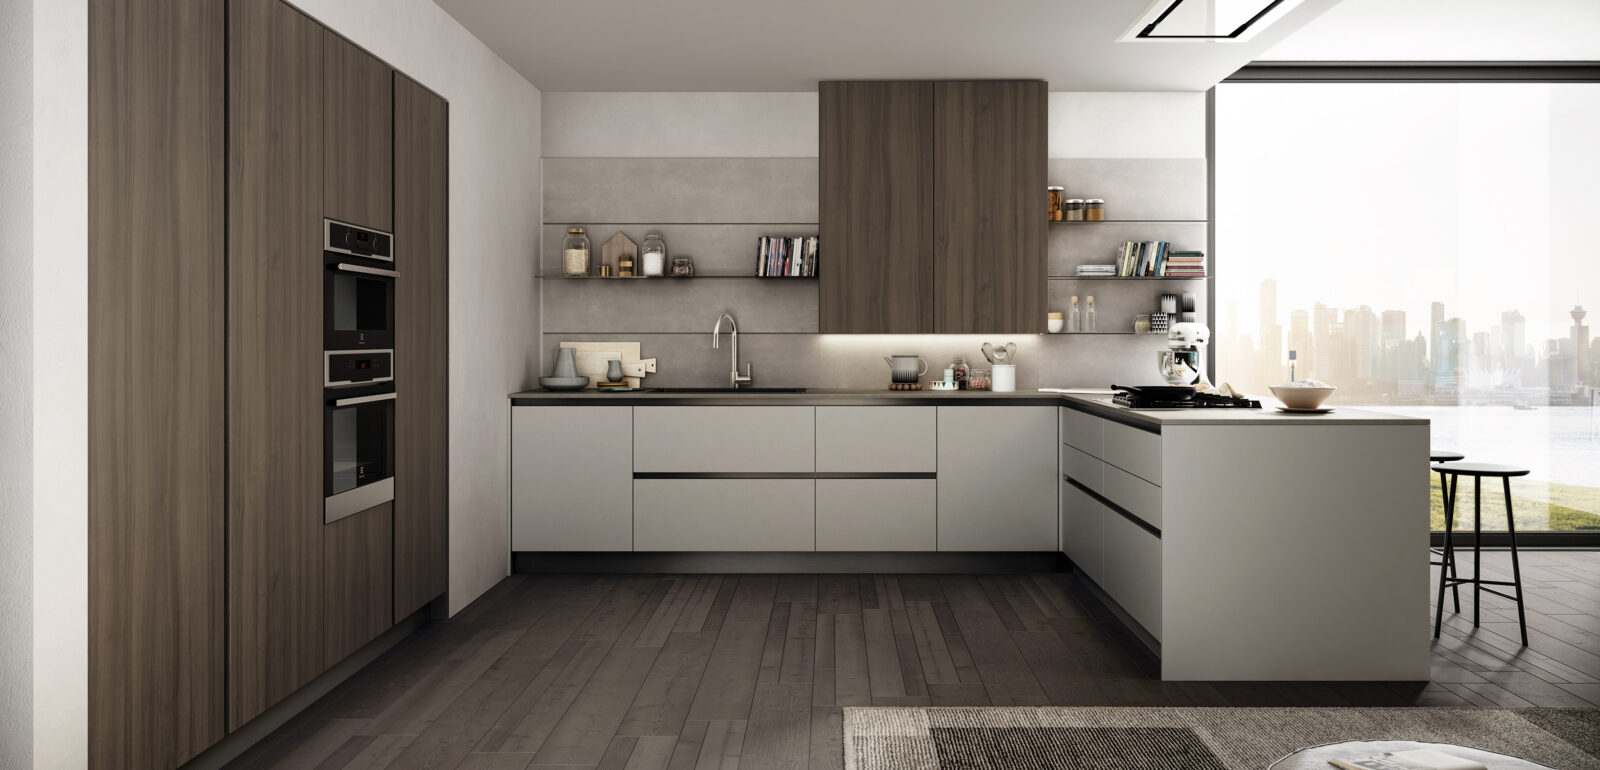 cucina moderna lineare Arredo3 Cloe foto 4